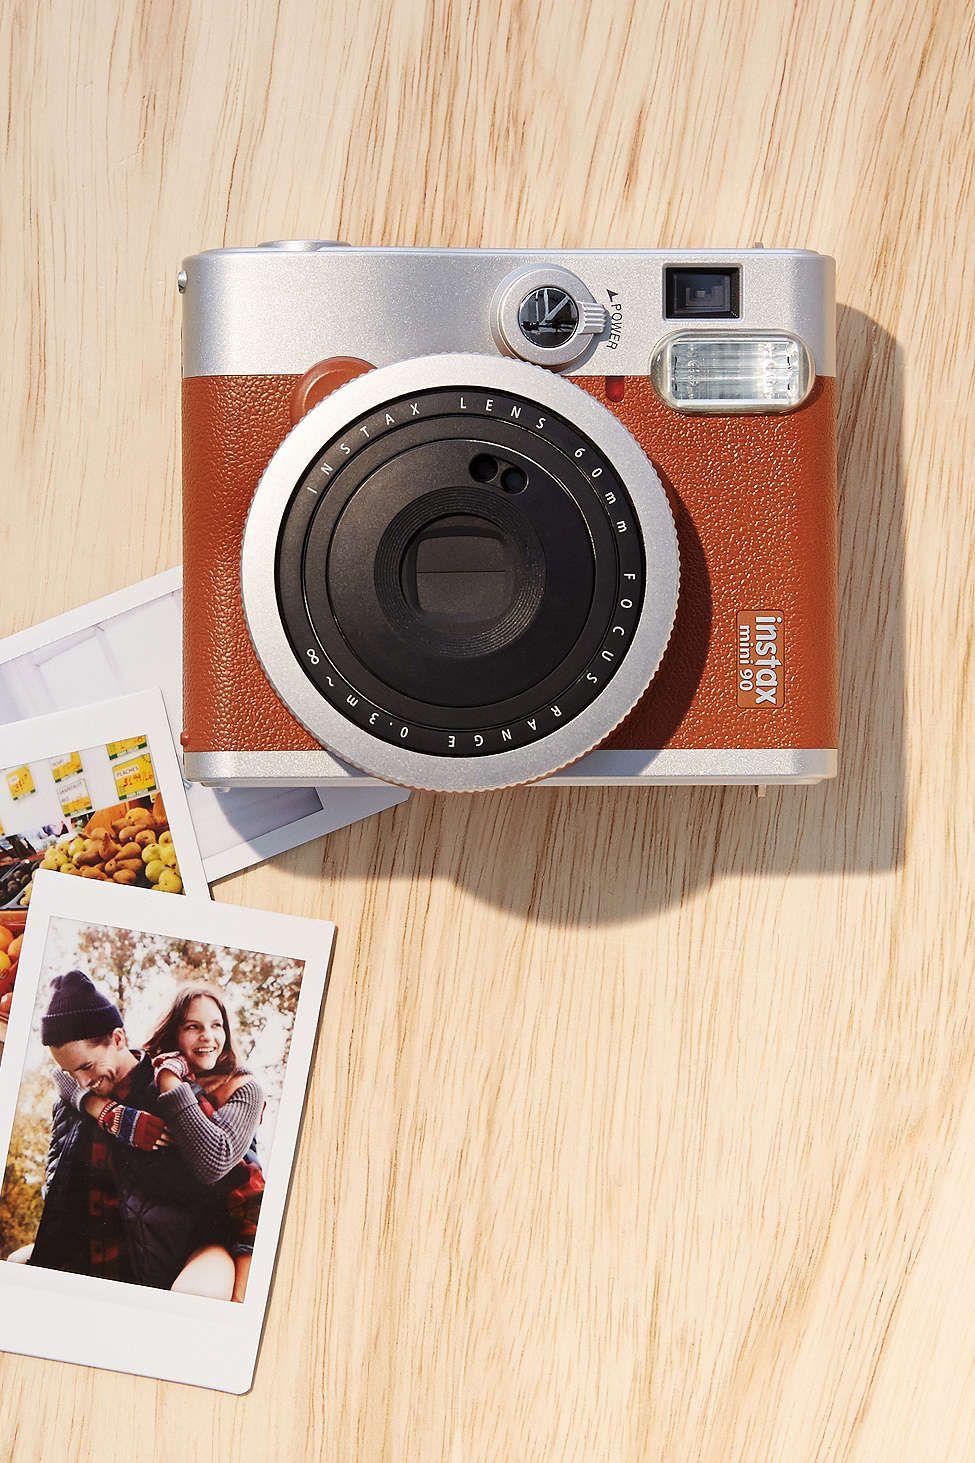 Instax Mini 90 Neo Classic Brown Instax Mini 90 Fujifilm Instax Mini Fujifilm Instax